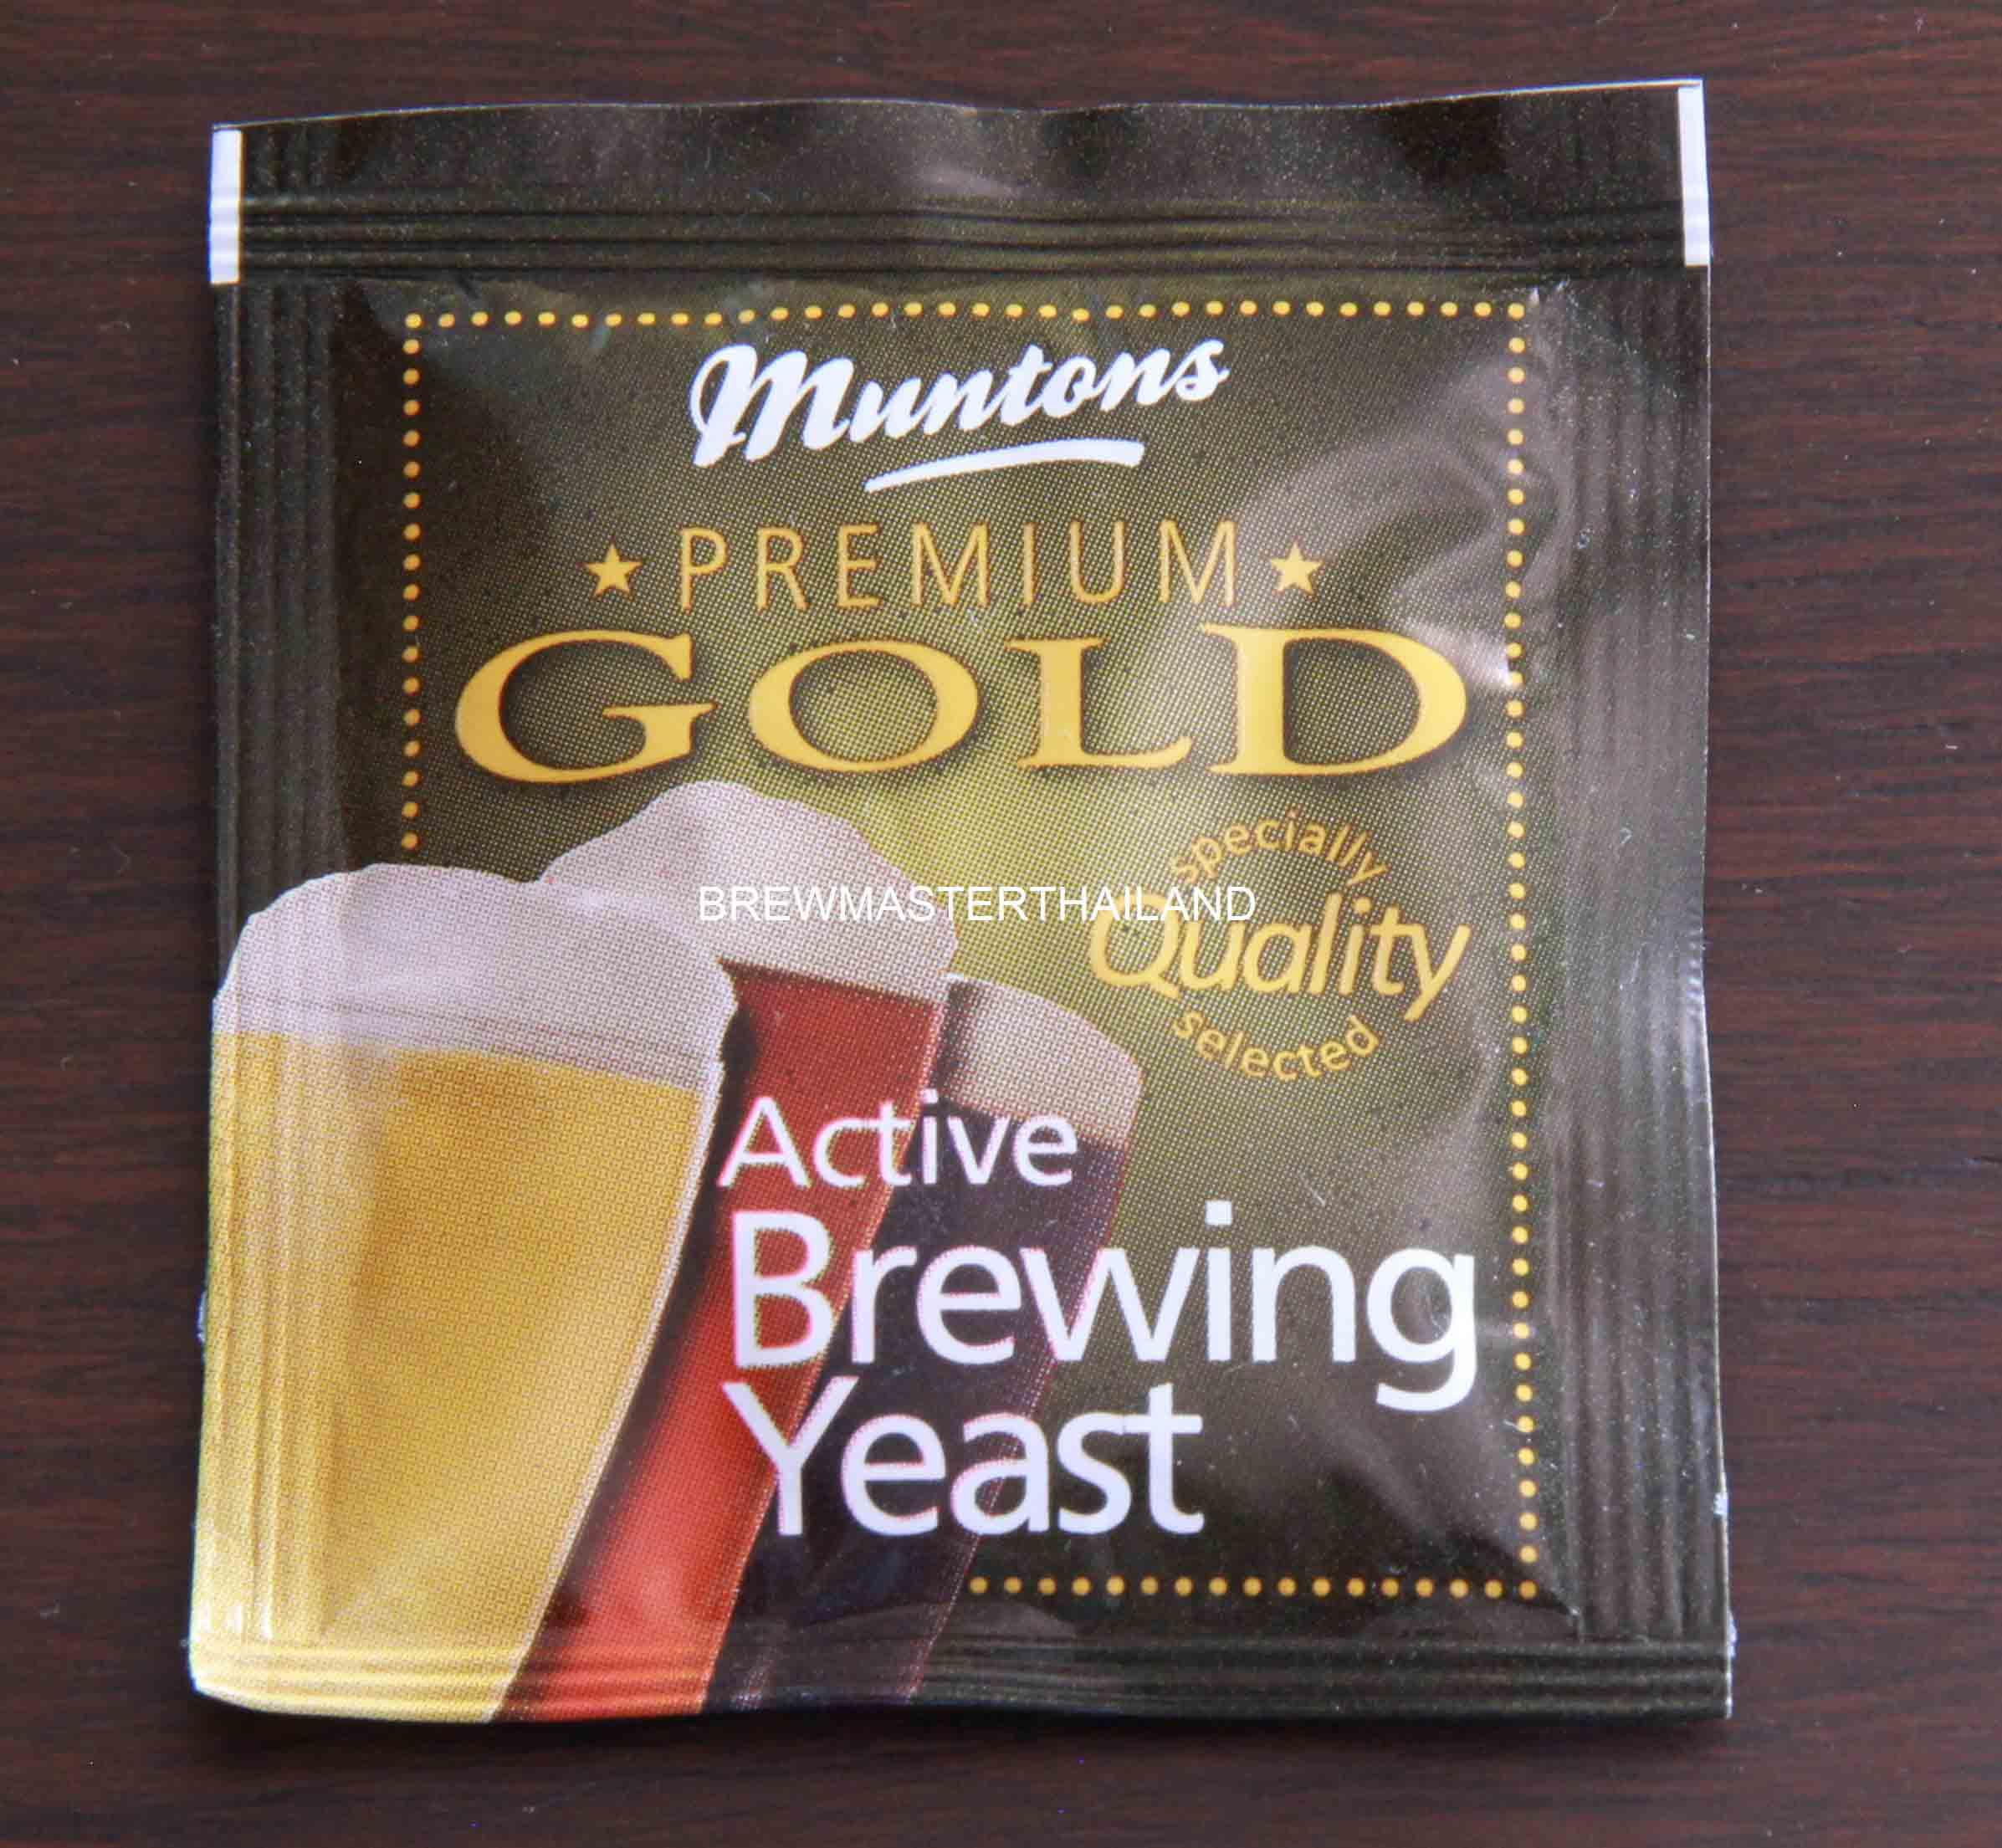 Muntons Premium Gold Active Brewing Yeast